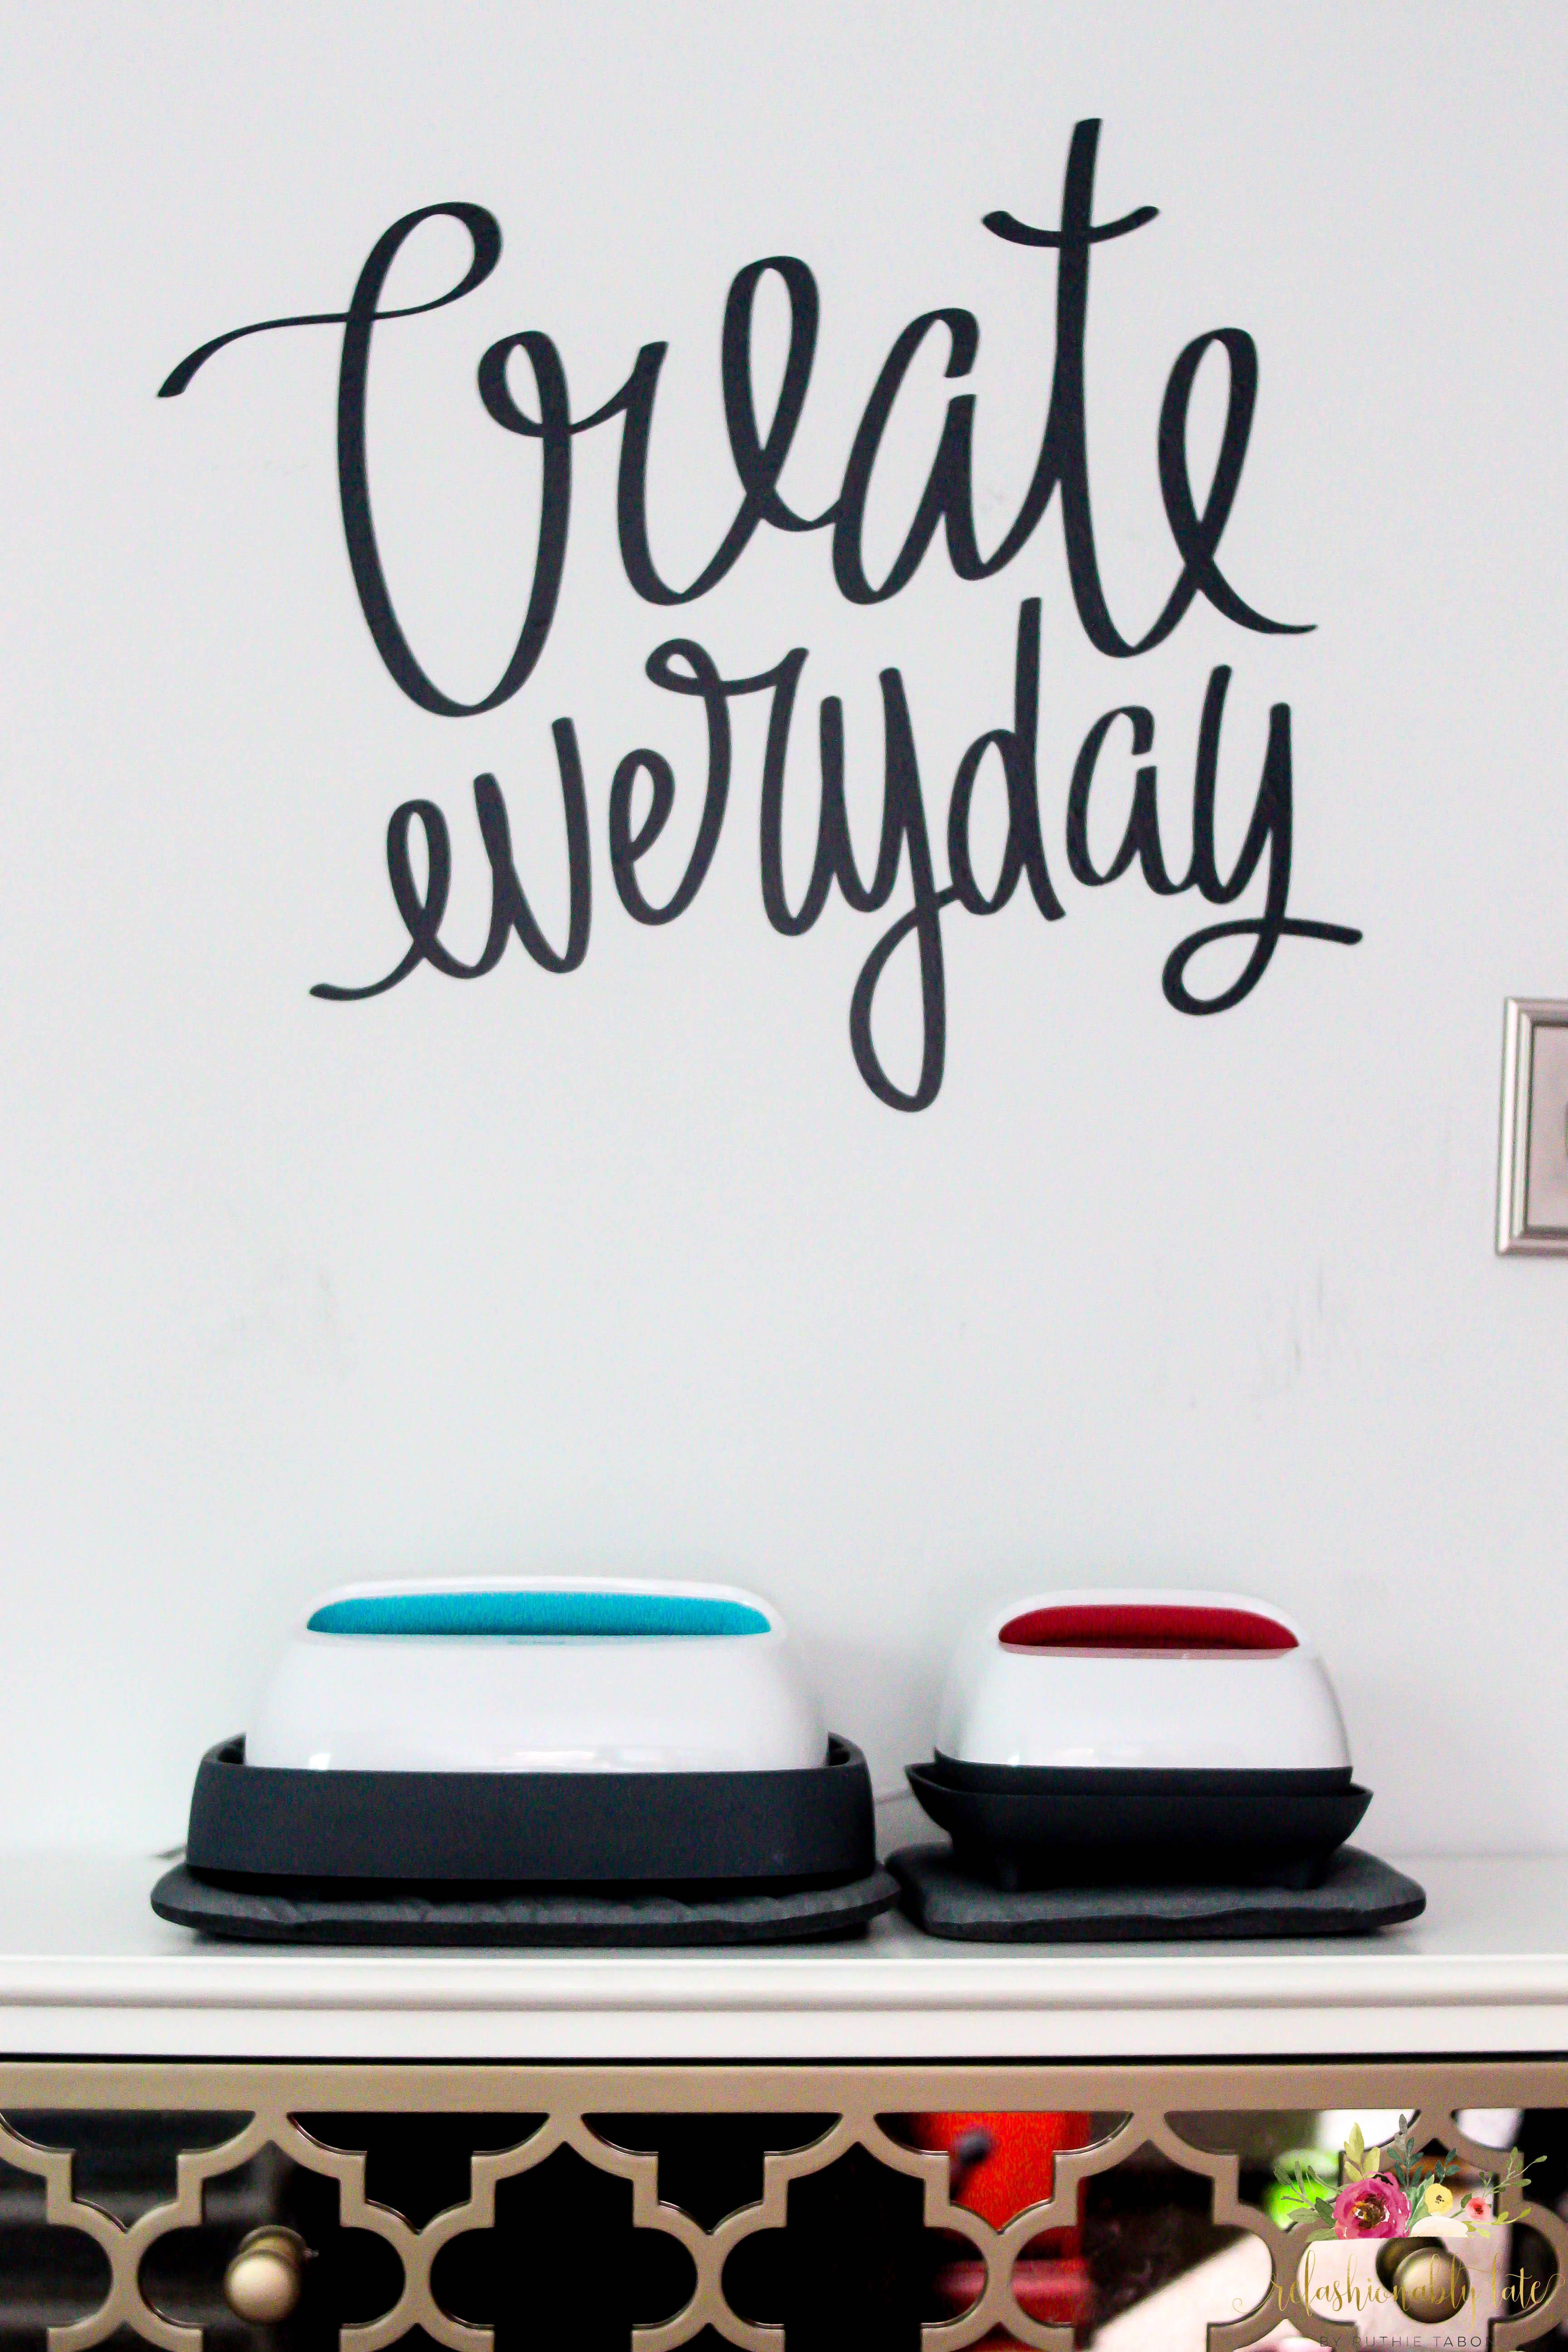 DIY Koozies with your Cricut Easy Press 2 - www.refashionablylate.com